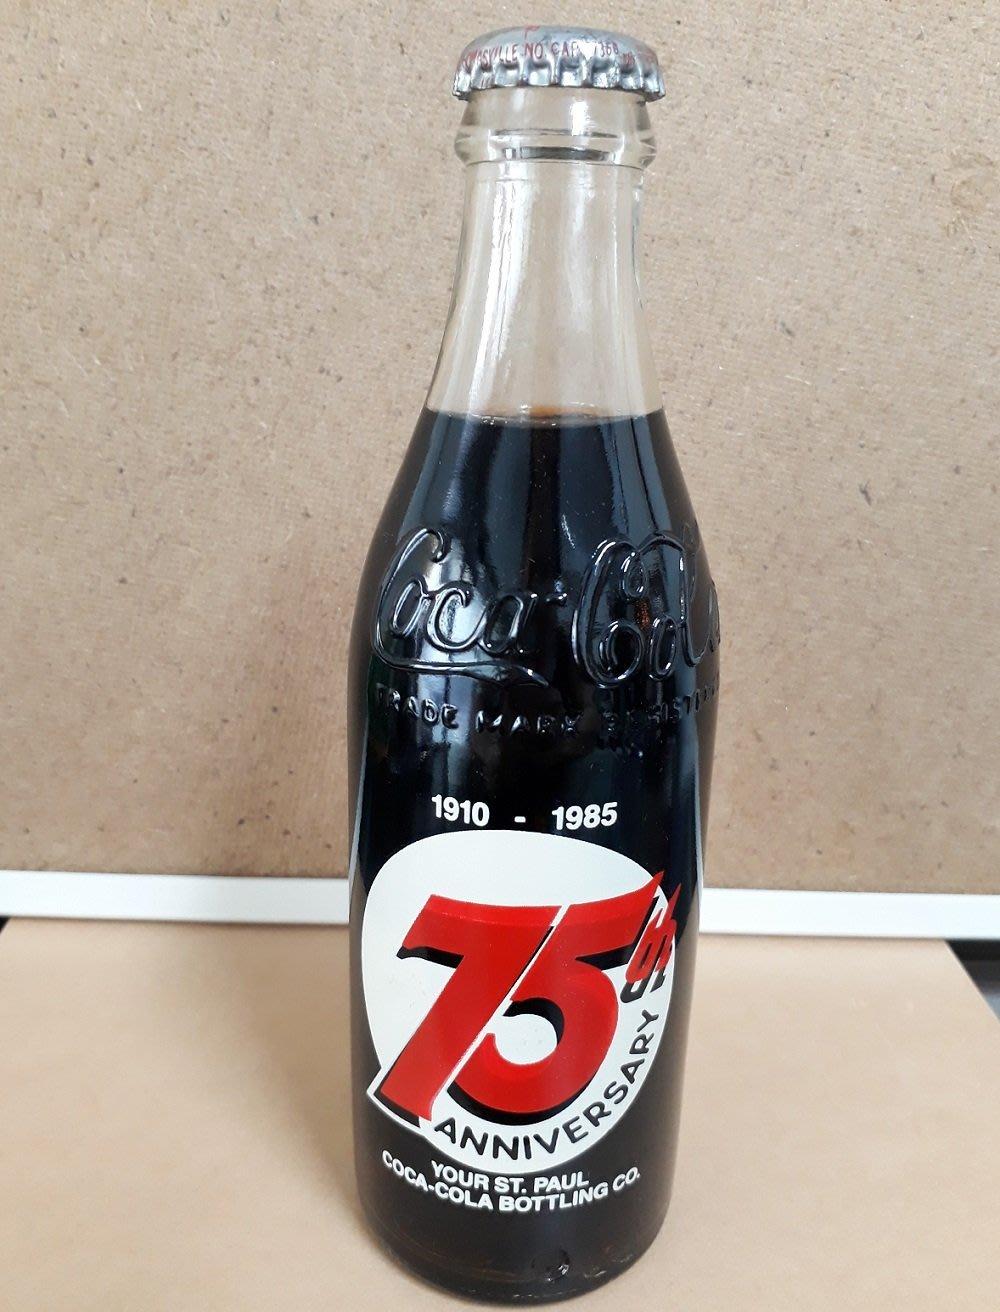 2可口可樂 75週年(1910-1985) 收藏瓶 / 記念瓶 / 玻璃瓶